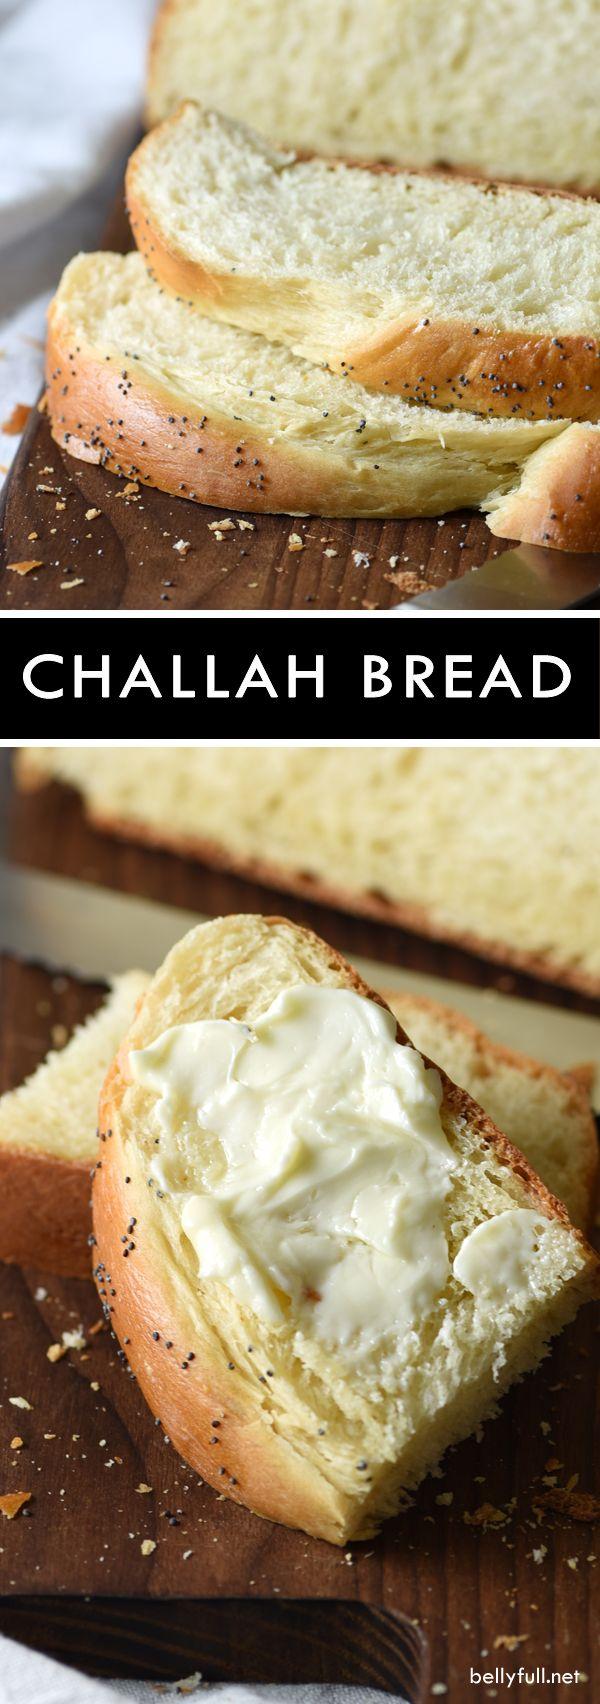 Challah bread - Challah es un pan de almohada-y rico y ligeramente dulce que es tanto un placer comer y mirar.  Suena extravagante, pero en realidad es muy fácil de hacer!